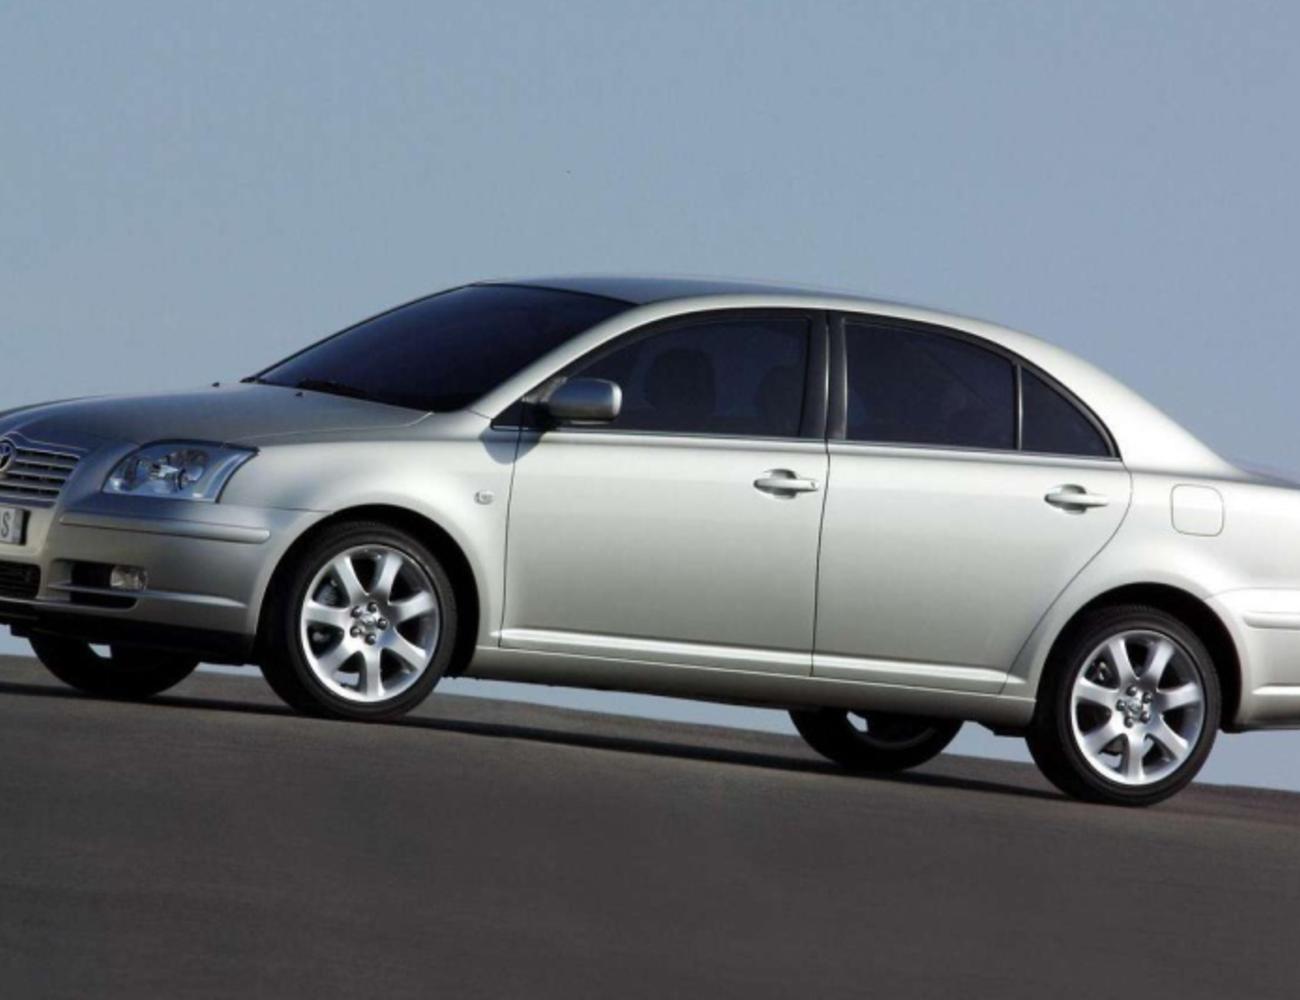 1,5 millióért középkategóriás autót? Íme 5 típus, amiket megéri megnézni!